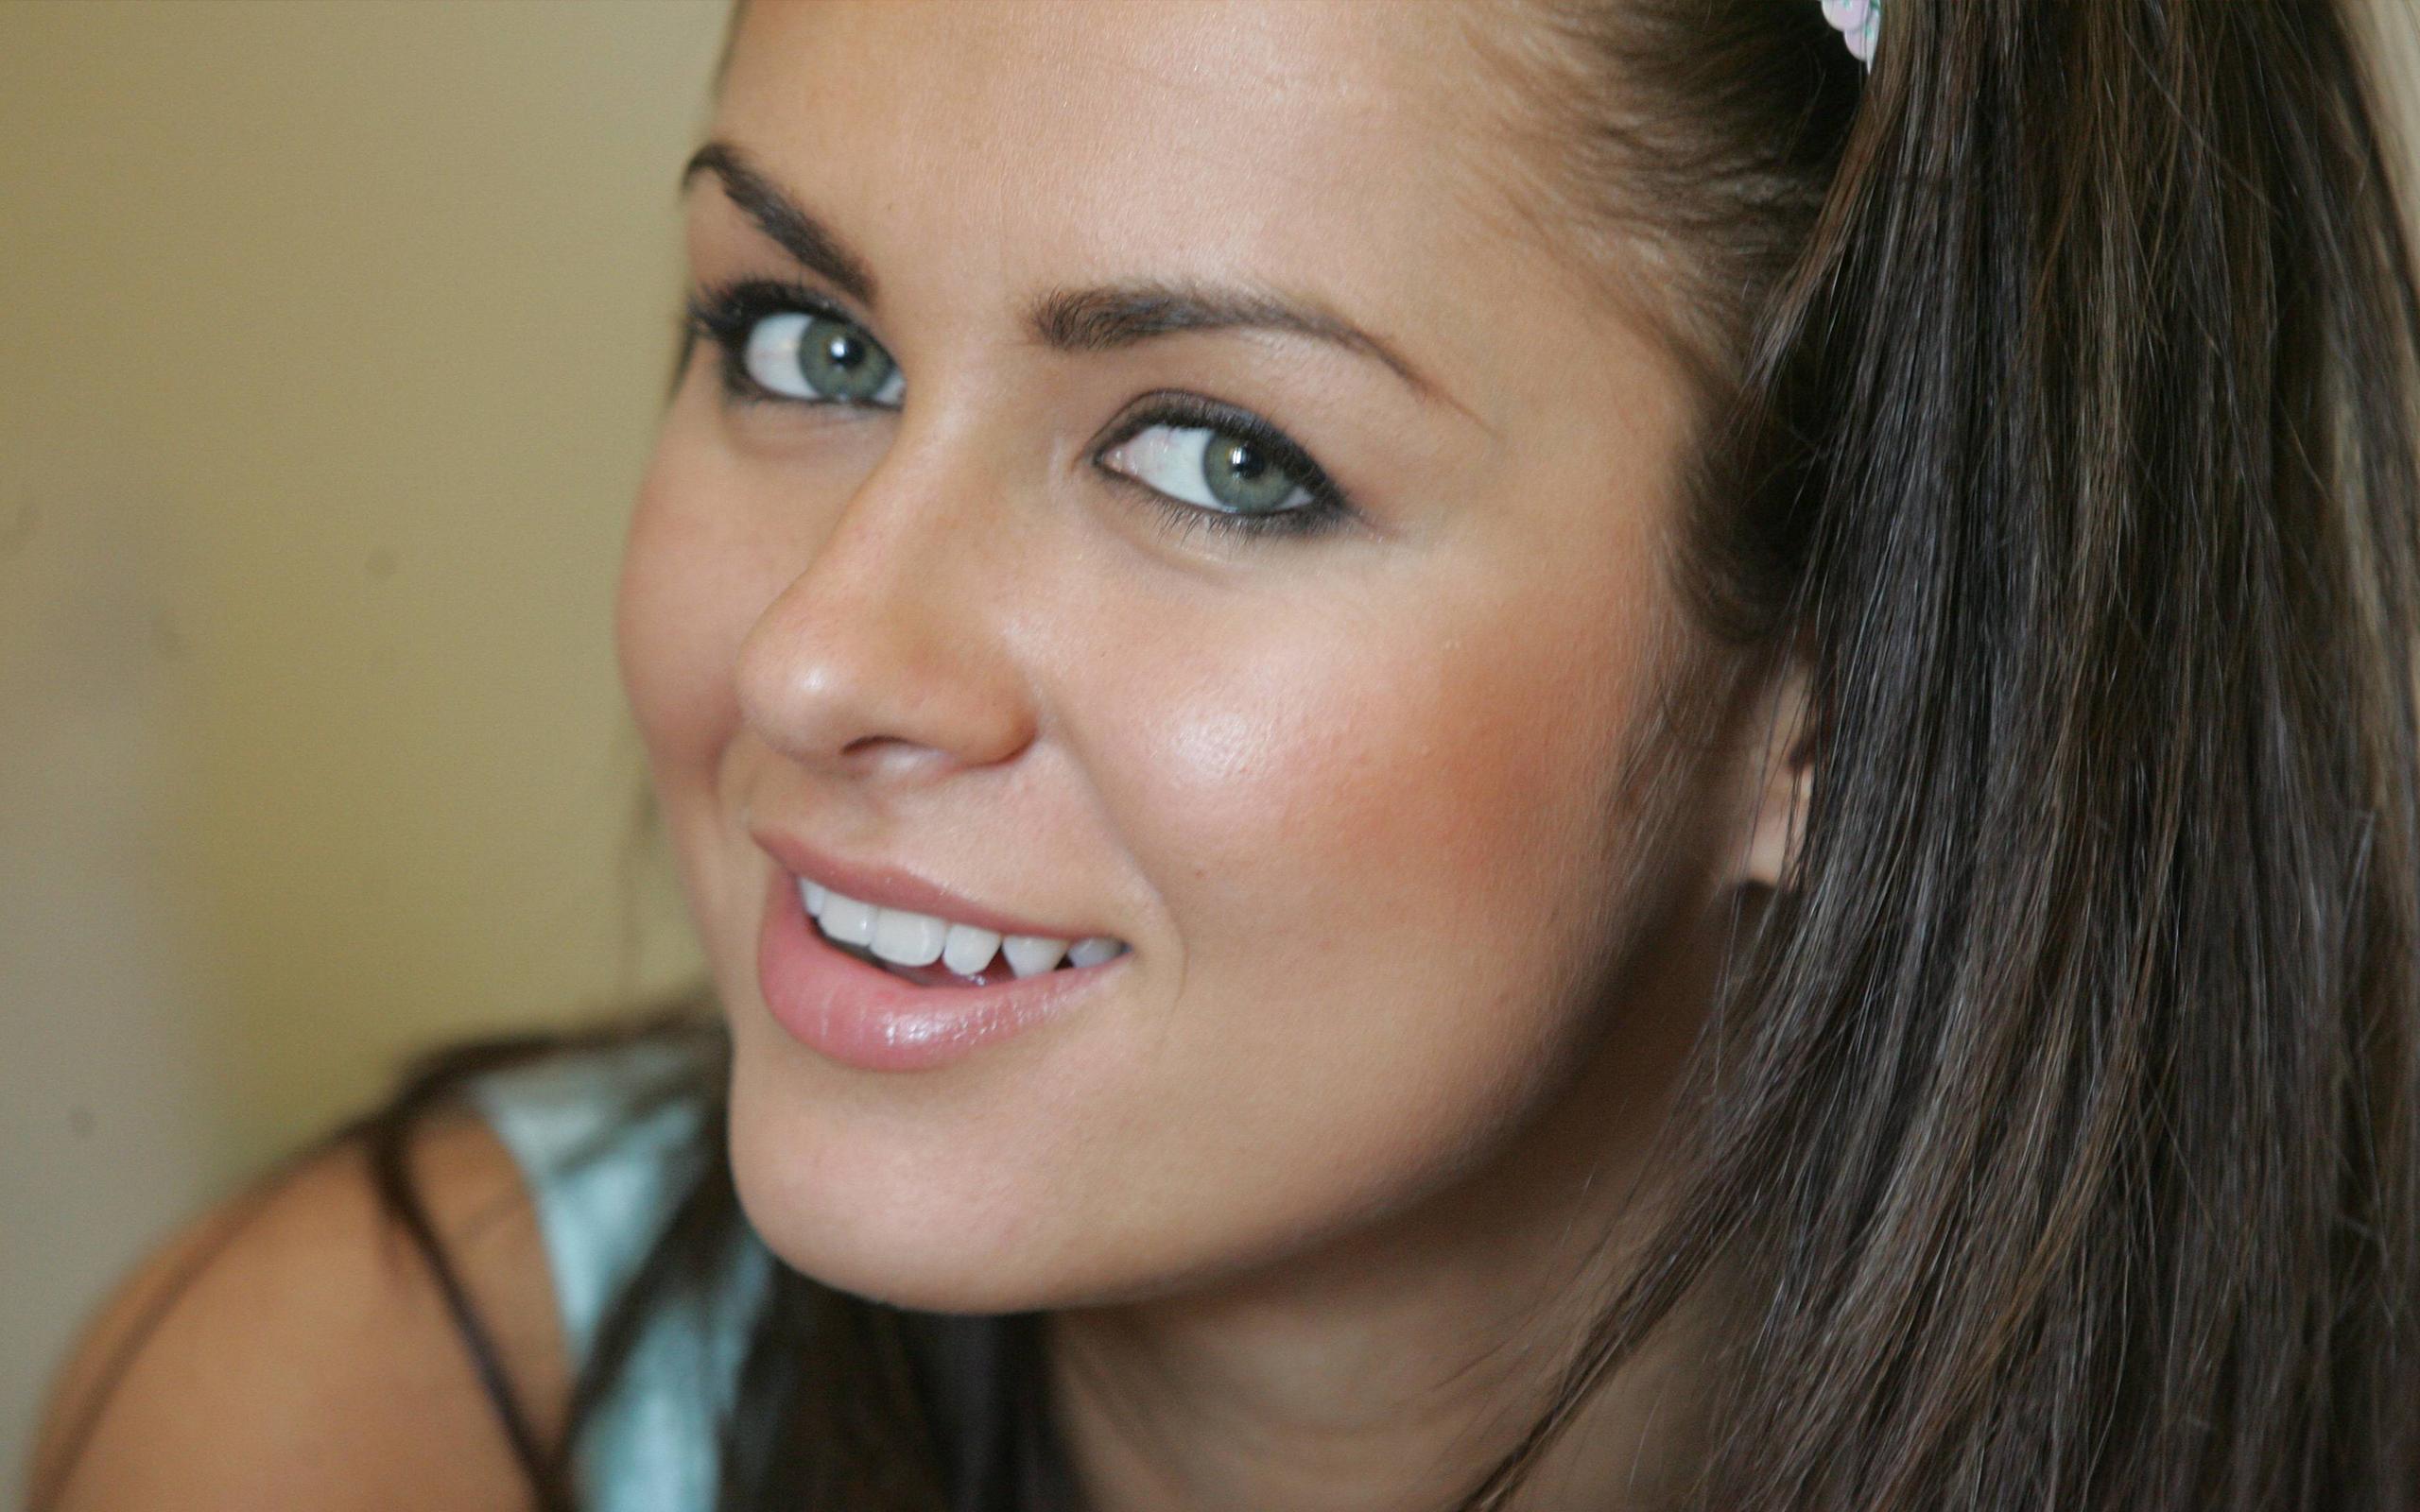 Natalia Siwiec Net Worth